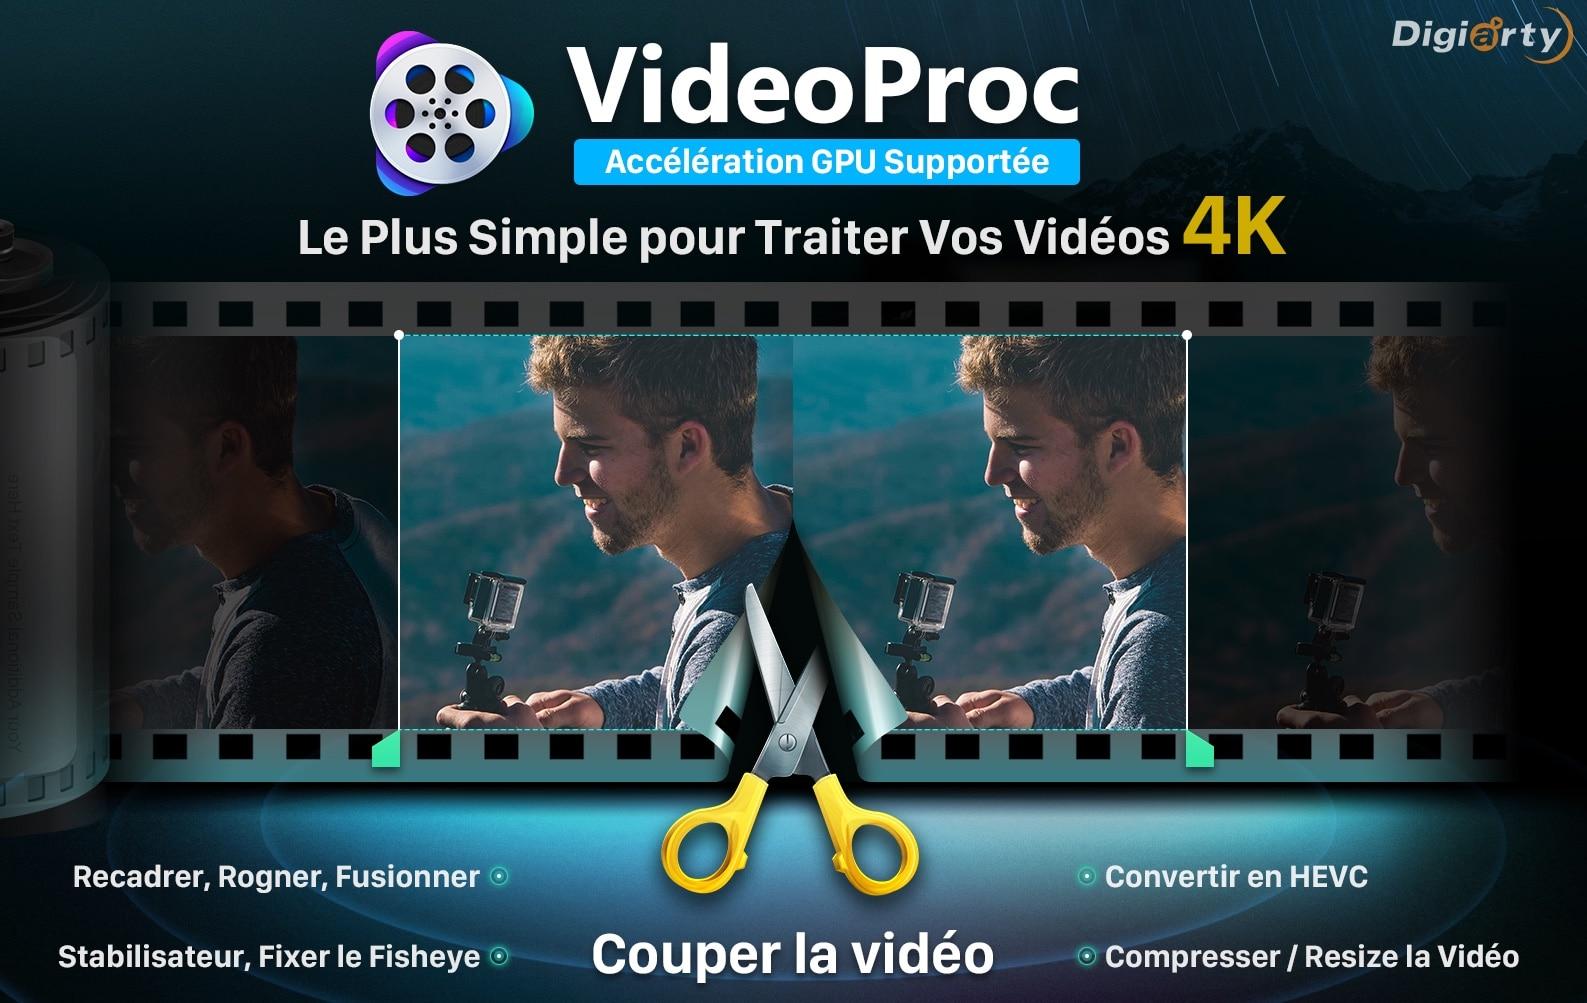 VideoProc le plus simple pour traiter vos vidéos 4K